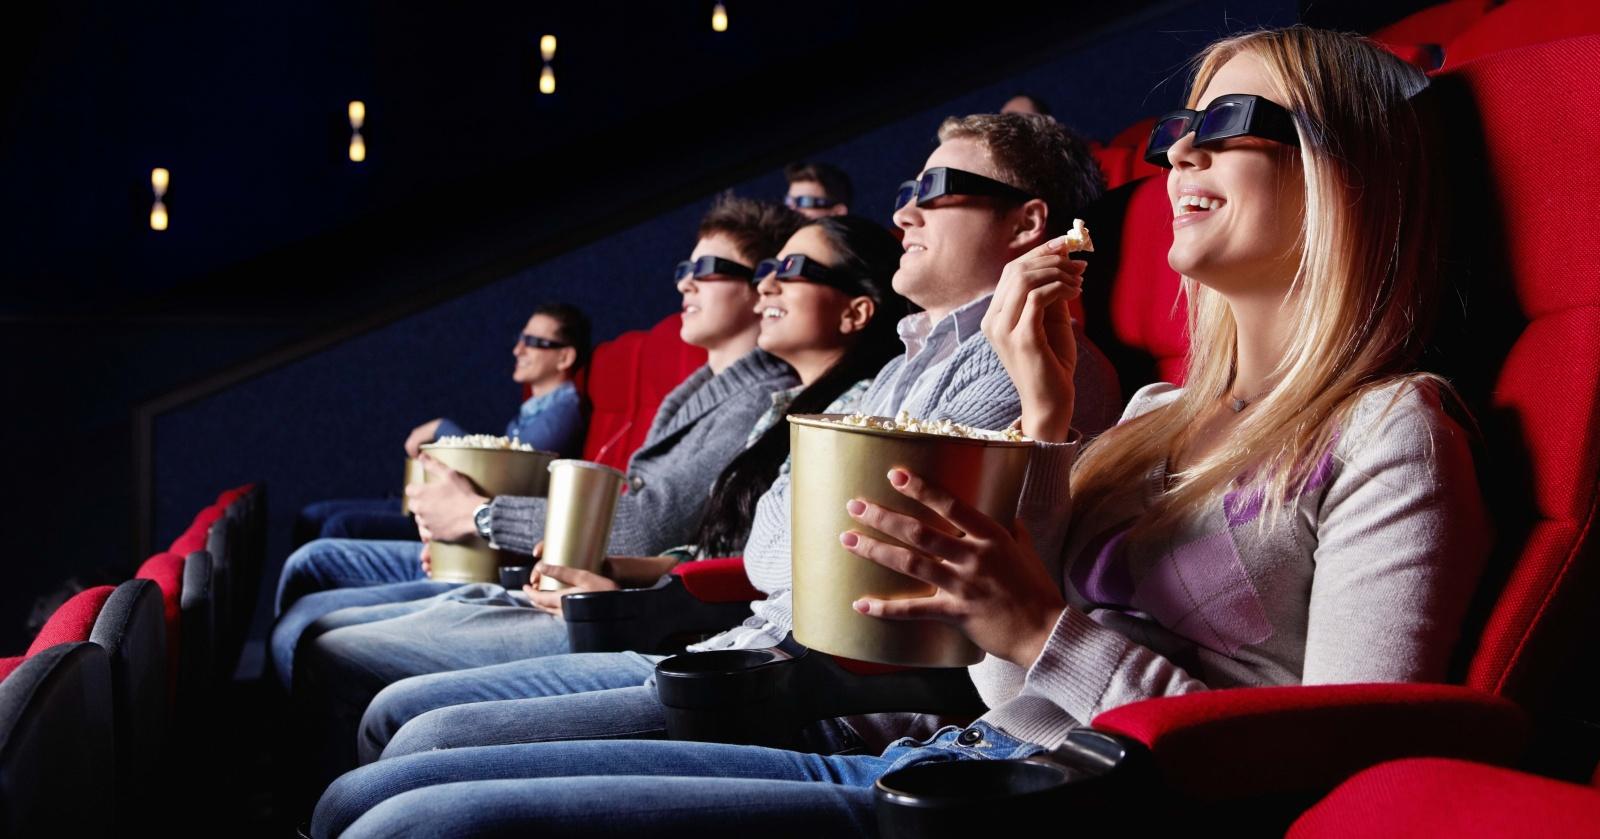 Возрастные рейтинги фильмов предложено устанавливать по газам зрителей